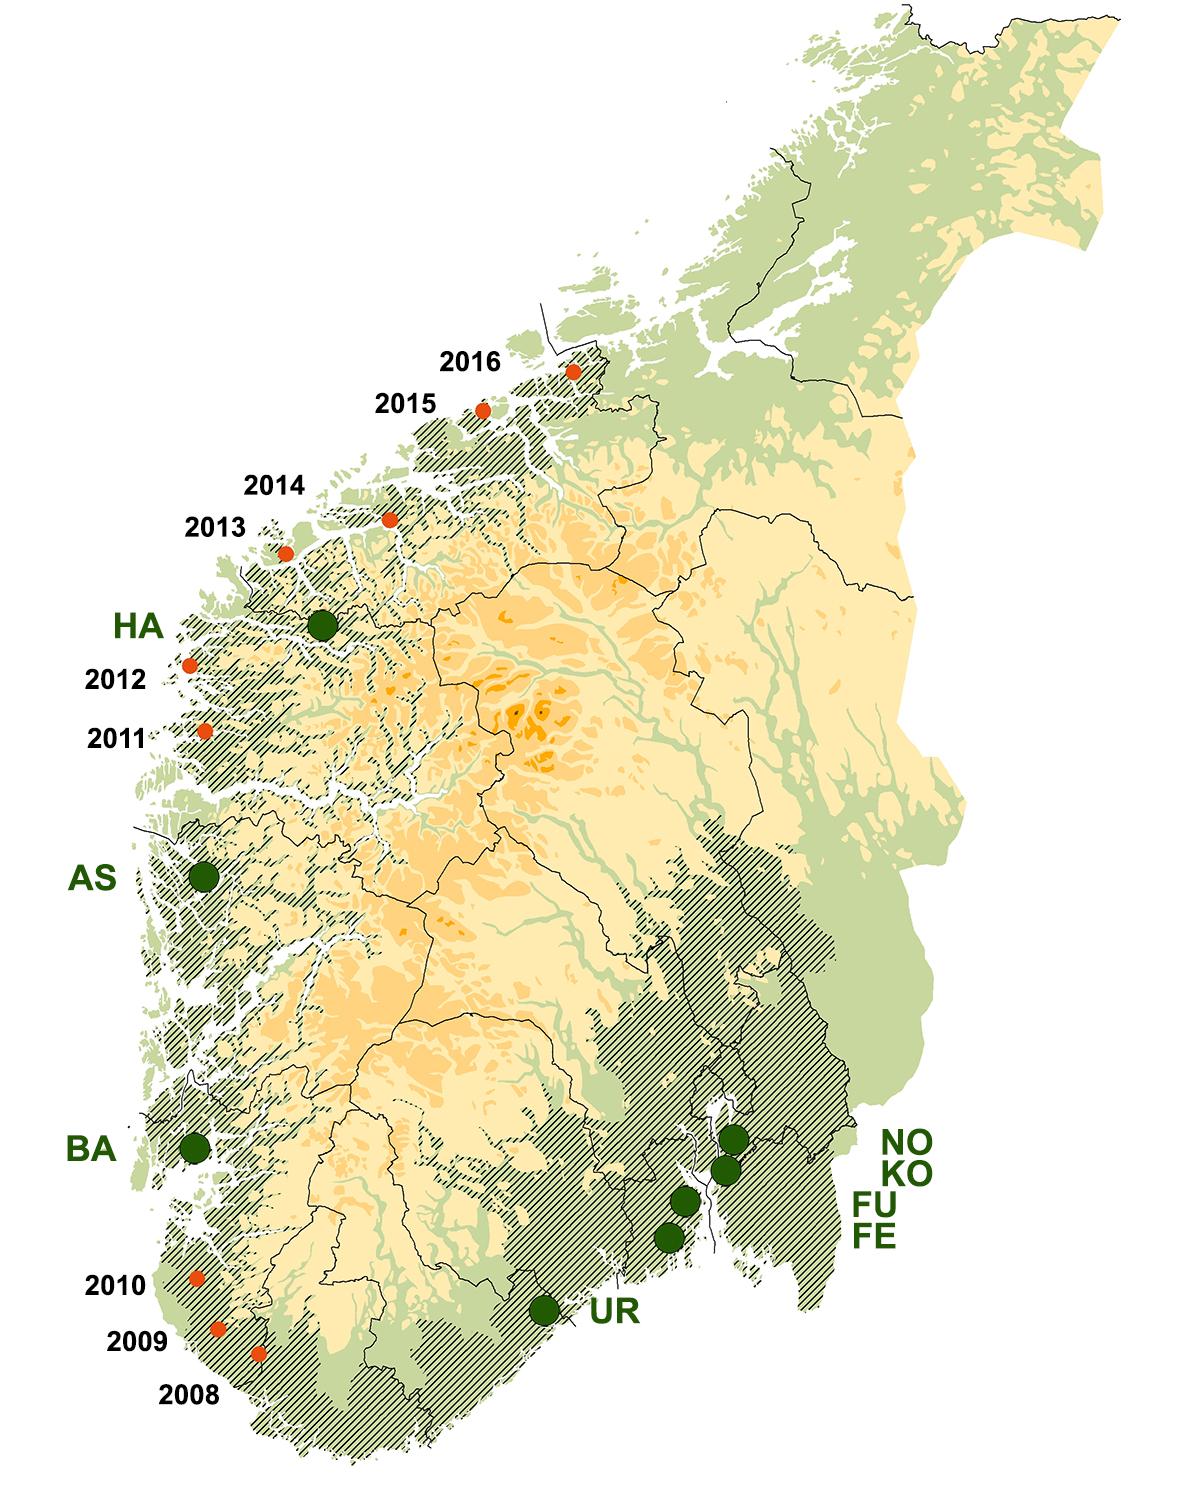 Overvåkingsflater (grønne punkter) og omtrentlig utbredelse av askeskuddsjuke pr. 2016 (skravert). Spredningen på Vestlandet er markert med røde punkter og årstall for første gangs registrering. Kilde: Timmermann et al. 2017a.